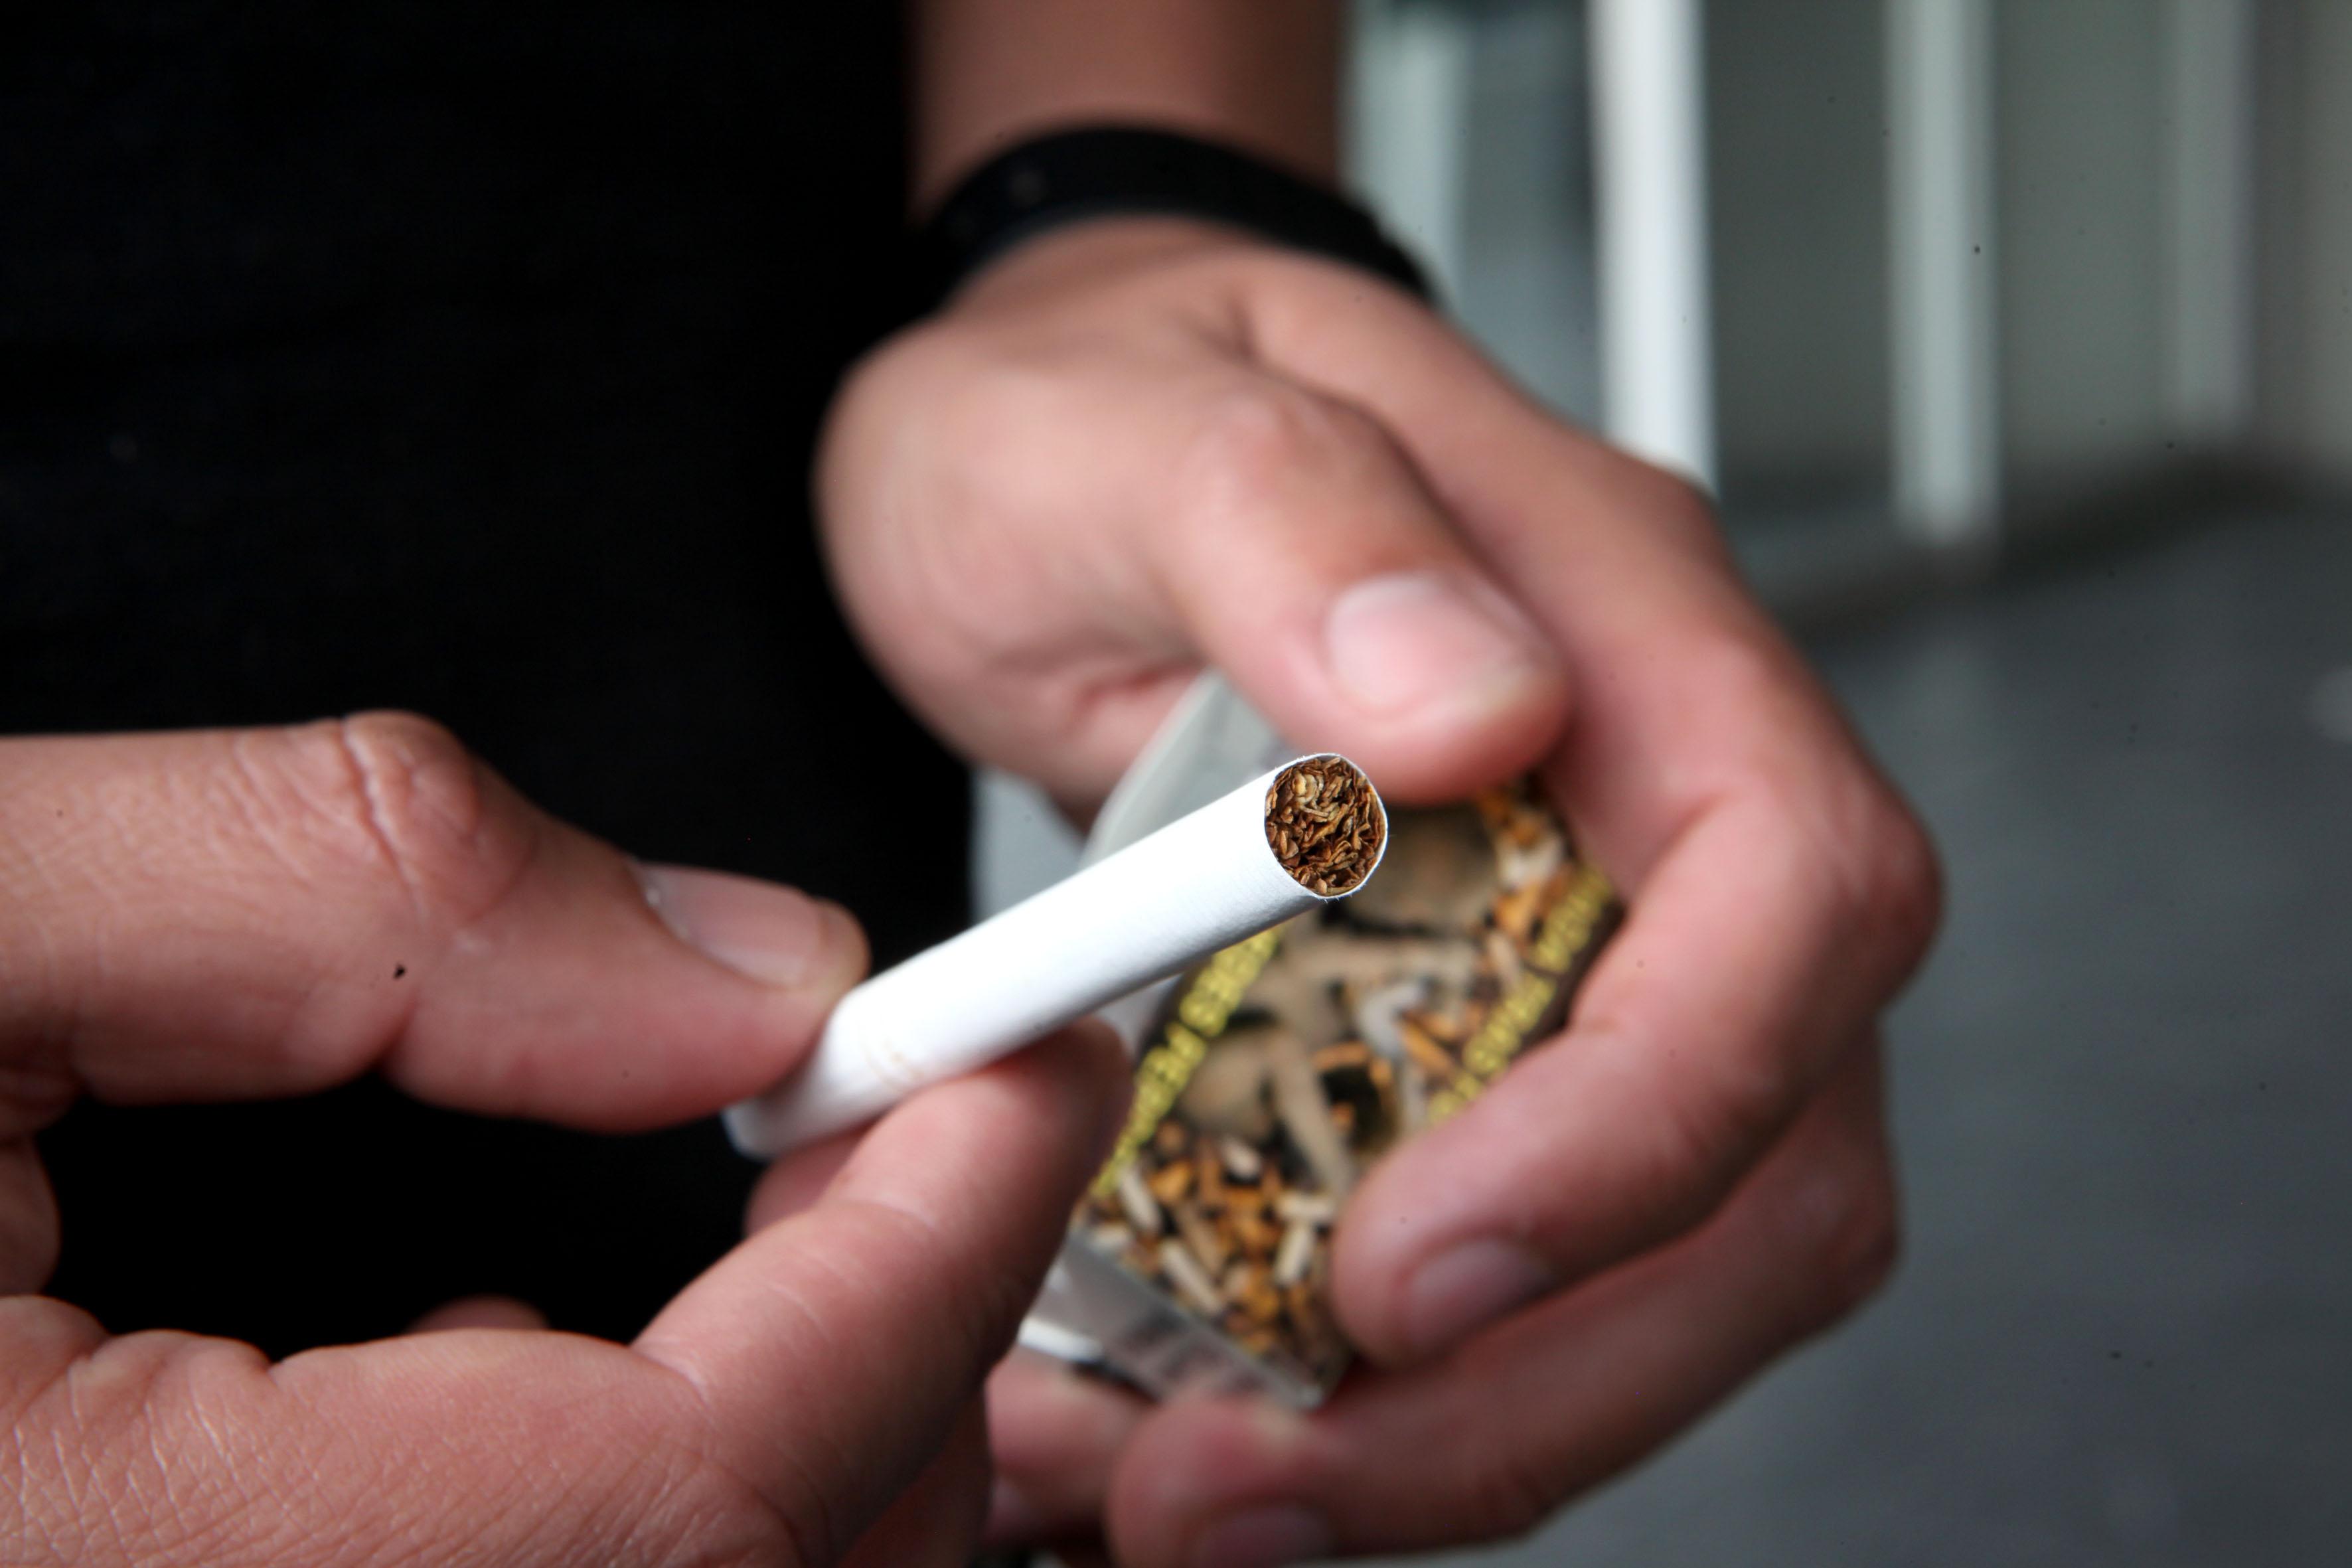 Un cigarro en las manos de un joven